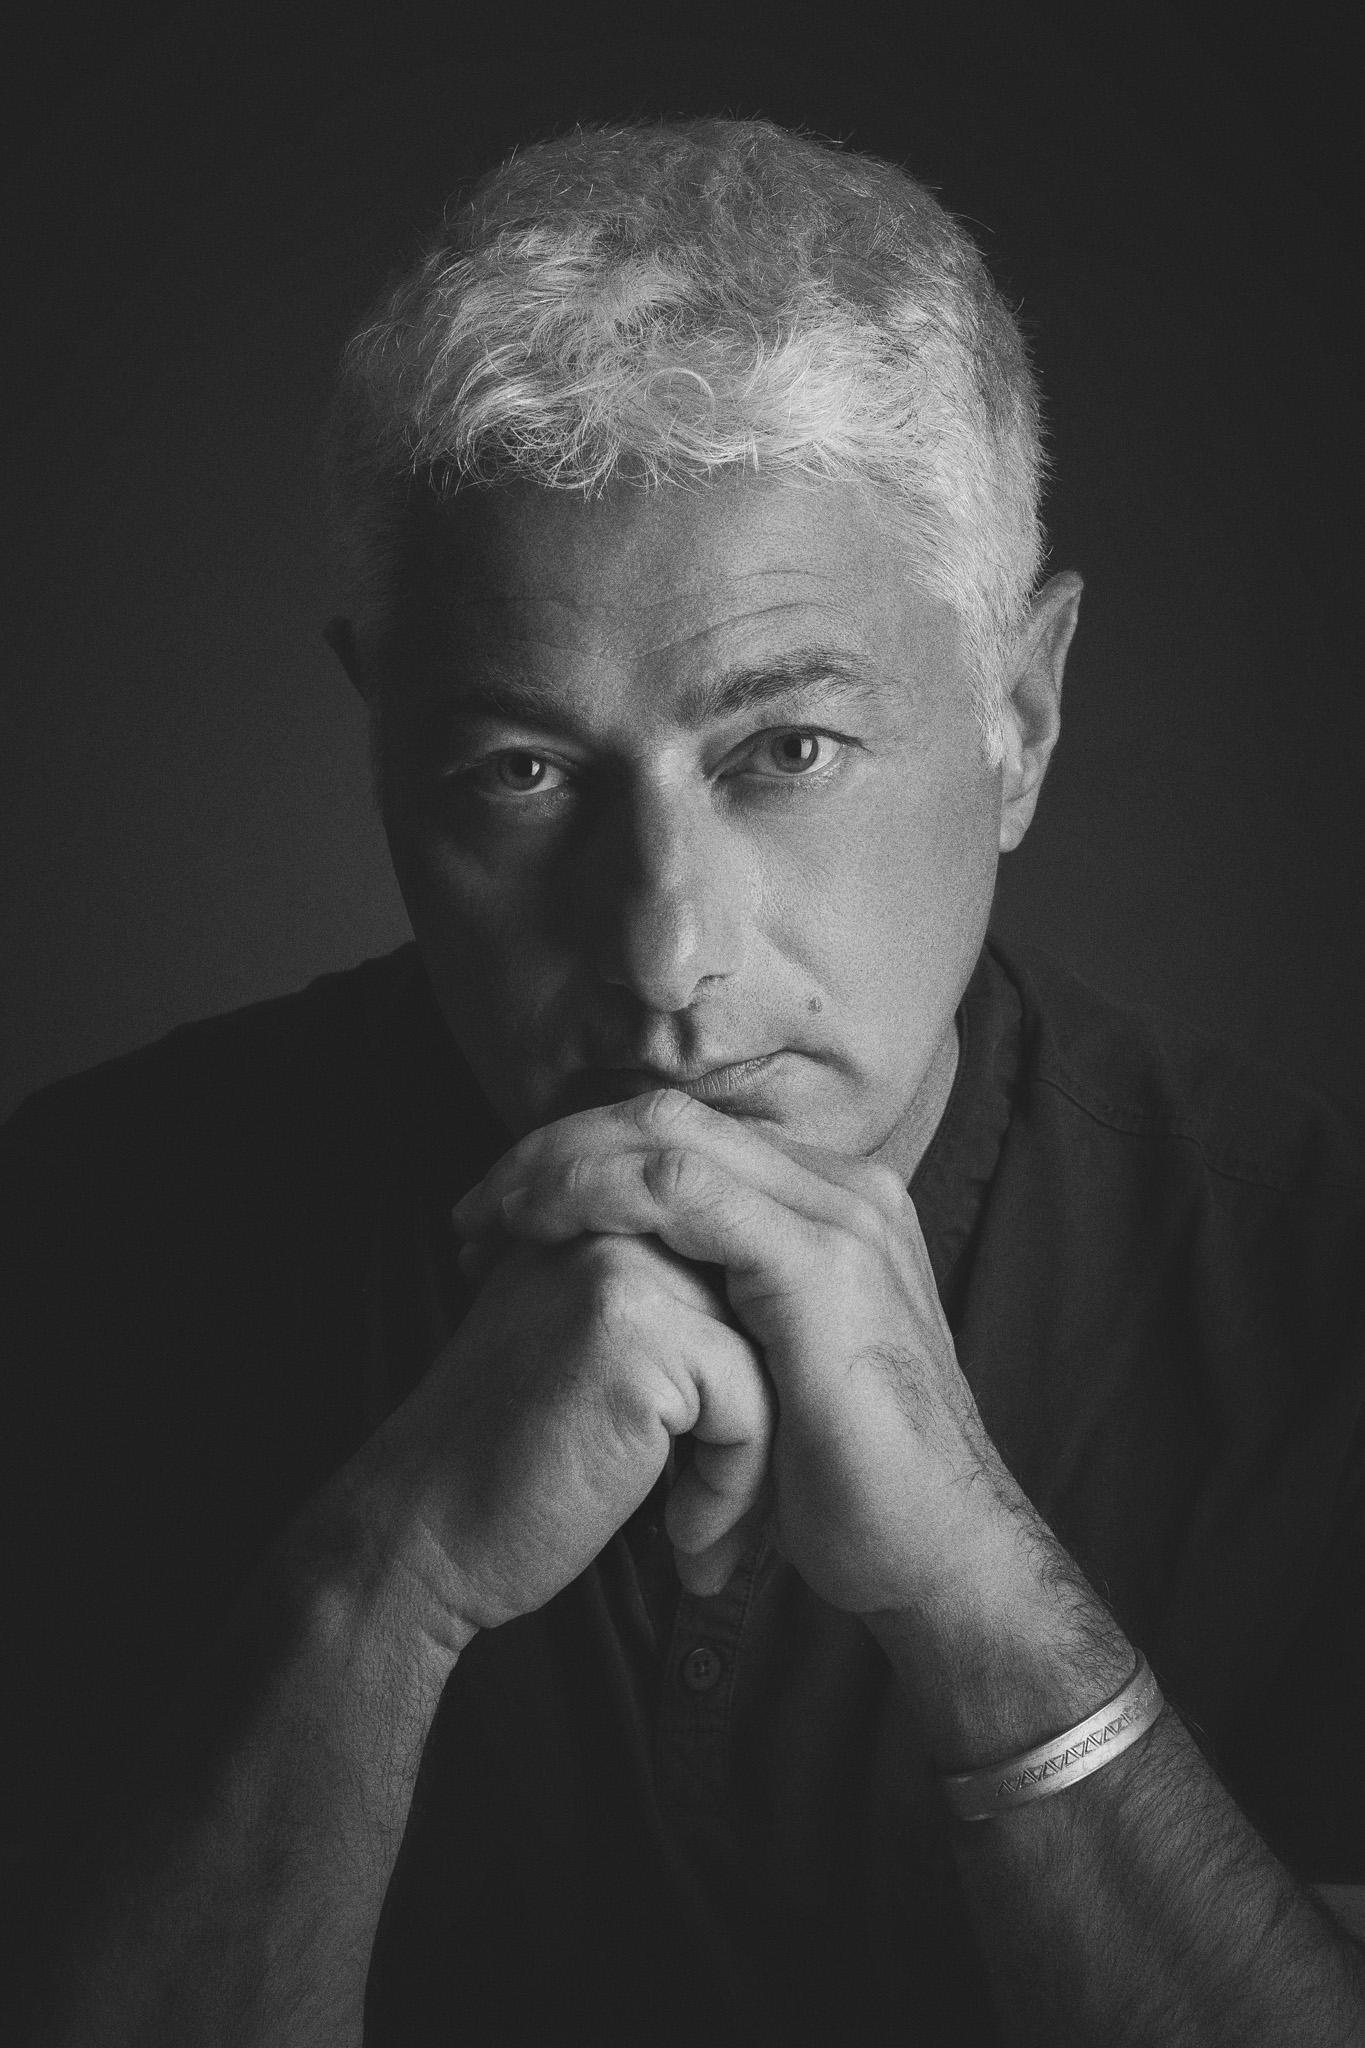 Ritratto del reporter Pier Paolo Cito, grande professionista e grande amico.  Pier Paolo Cito:  www.pierpaolocito.it   Canon EOS-1Ds Mark III - EF 85mm f/1.8 USM